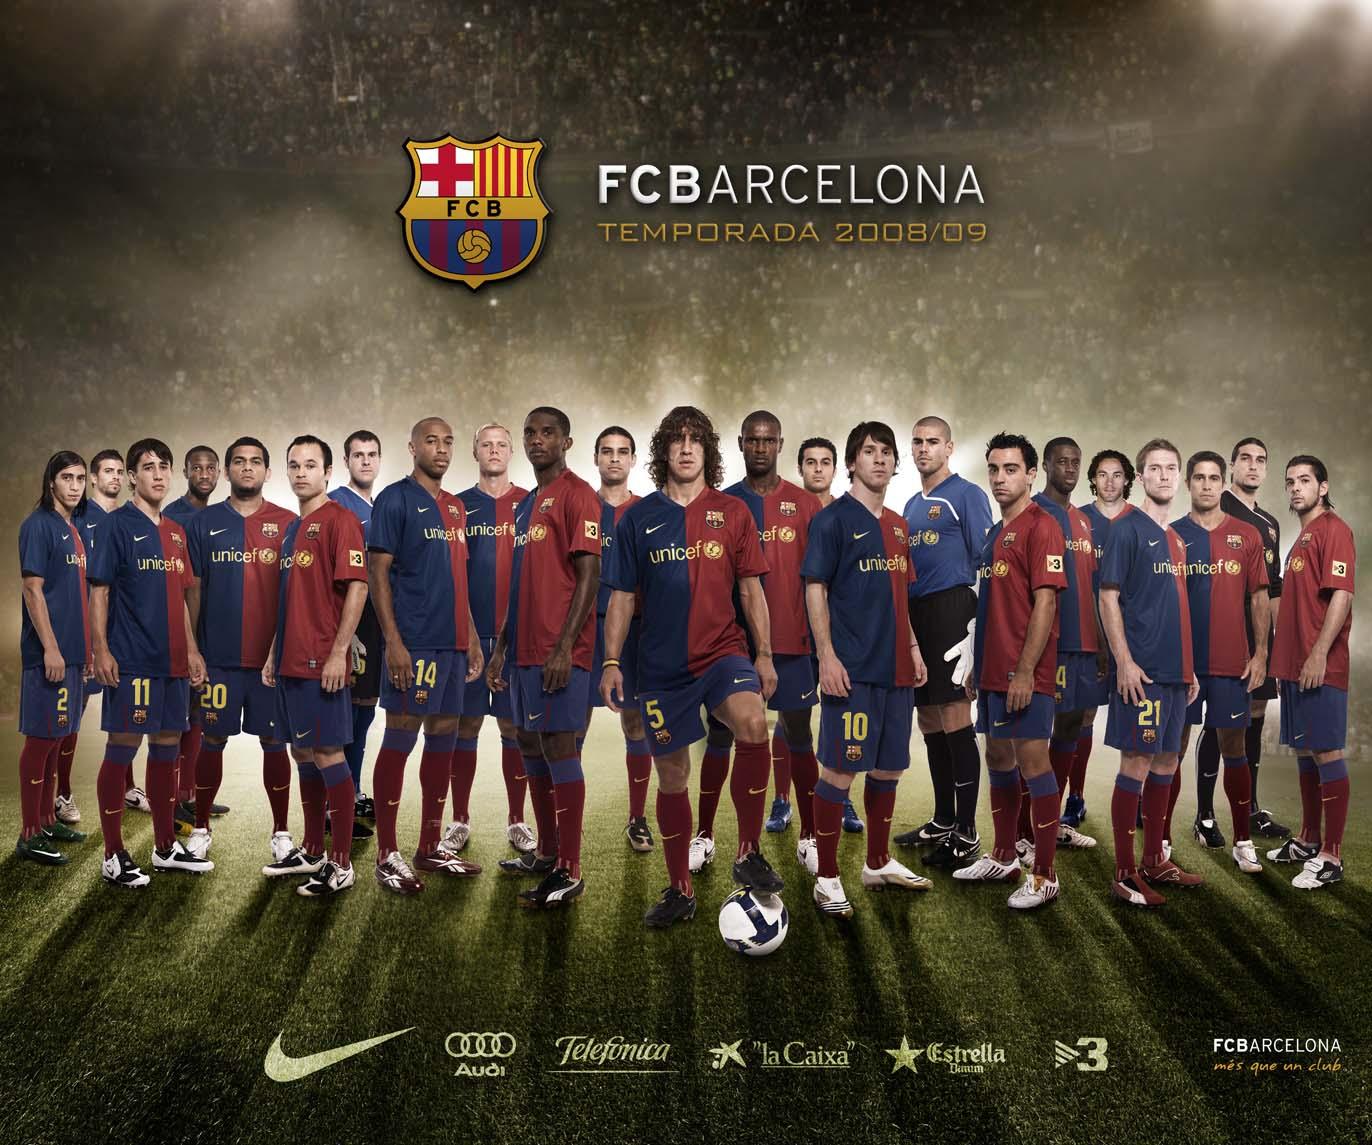 fc barcelona - 91867 - itü sözlük görseller